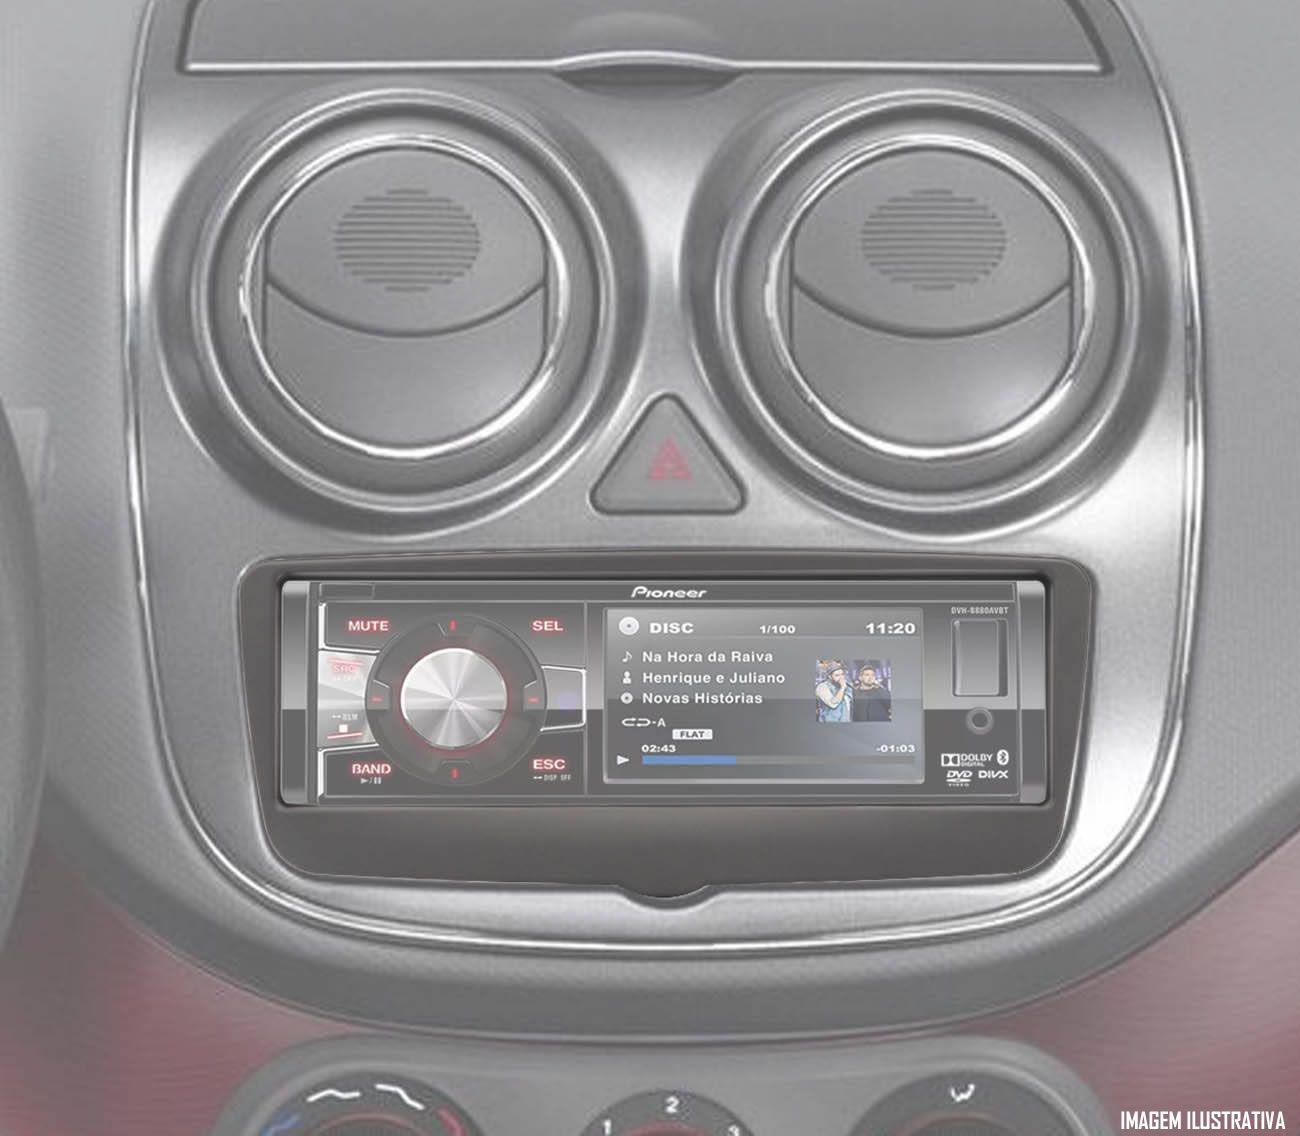 Moldura De Painel 1 Din Fiat Grand Siena 2013 2014 2015 2016 2017 2018 - Para CD DVD MP3 - Padrão Original